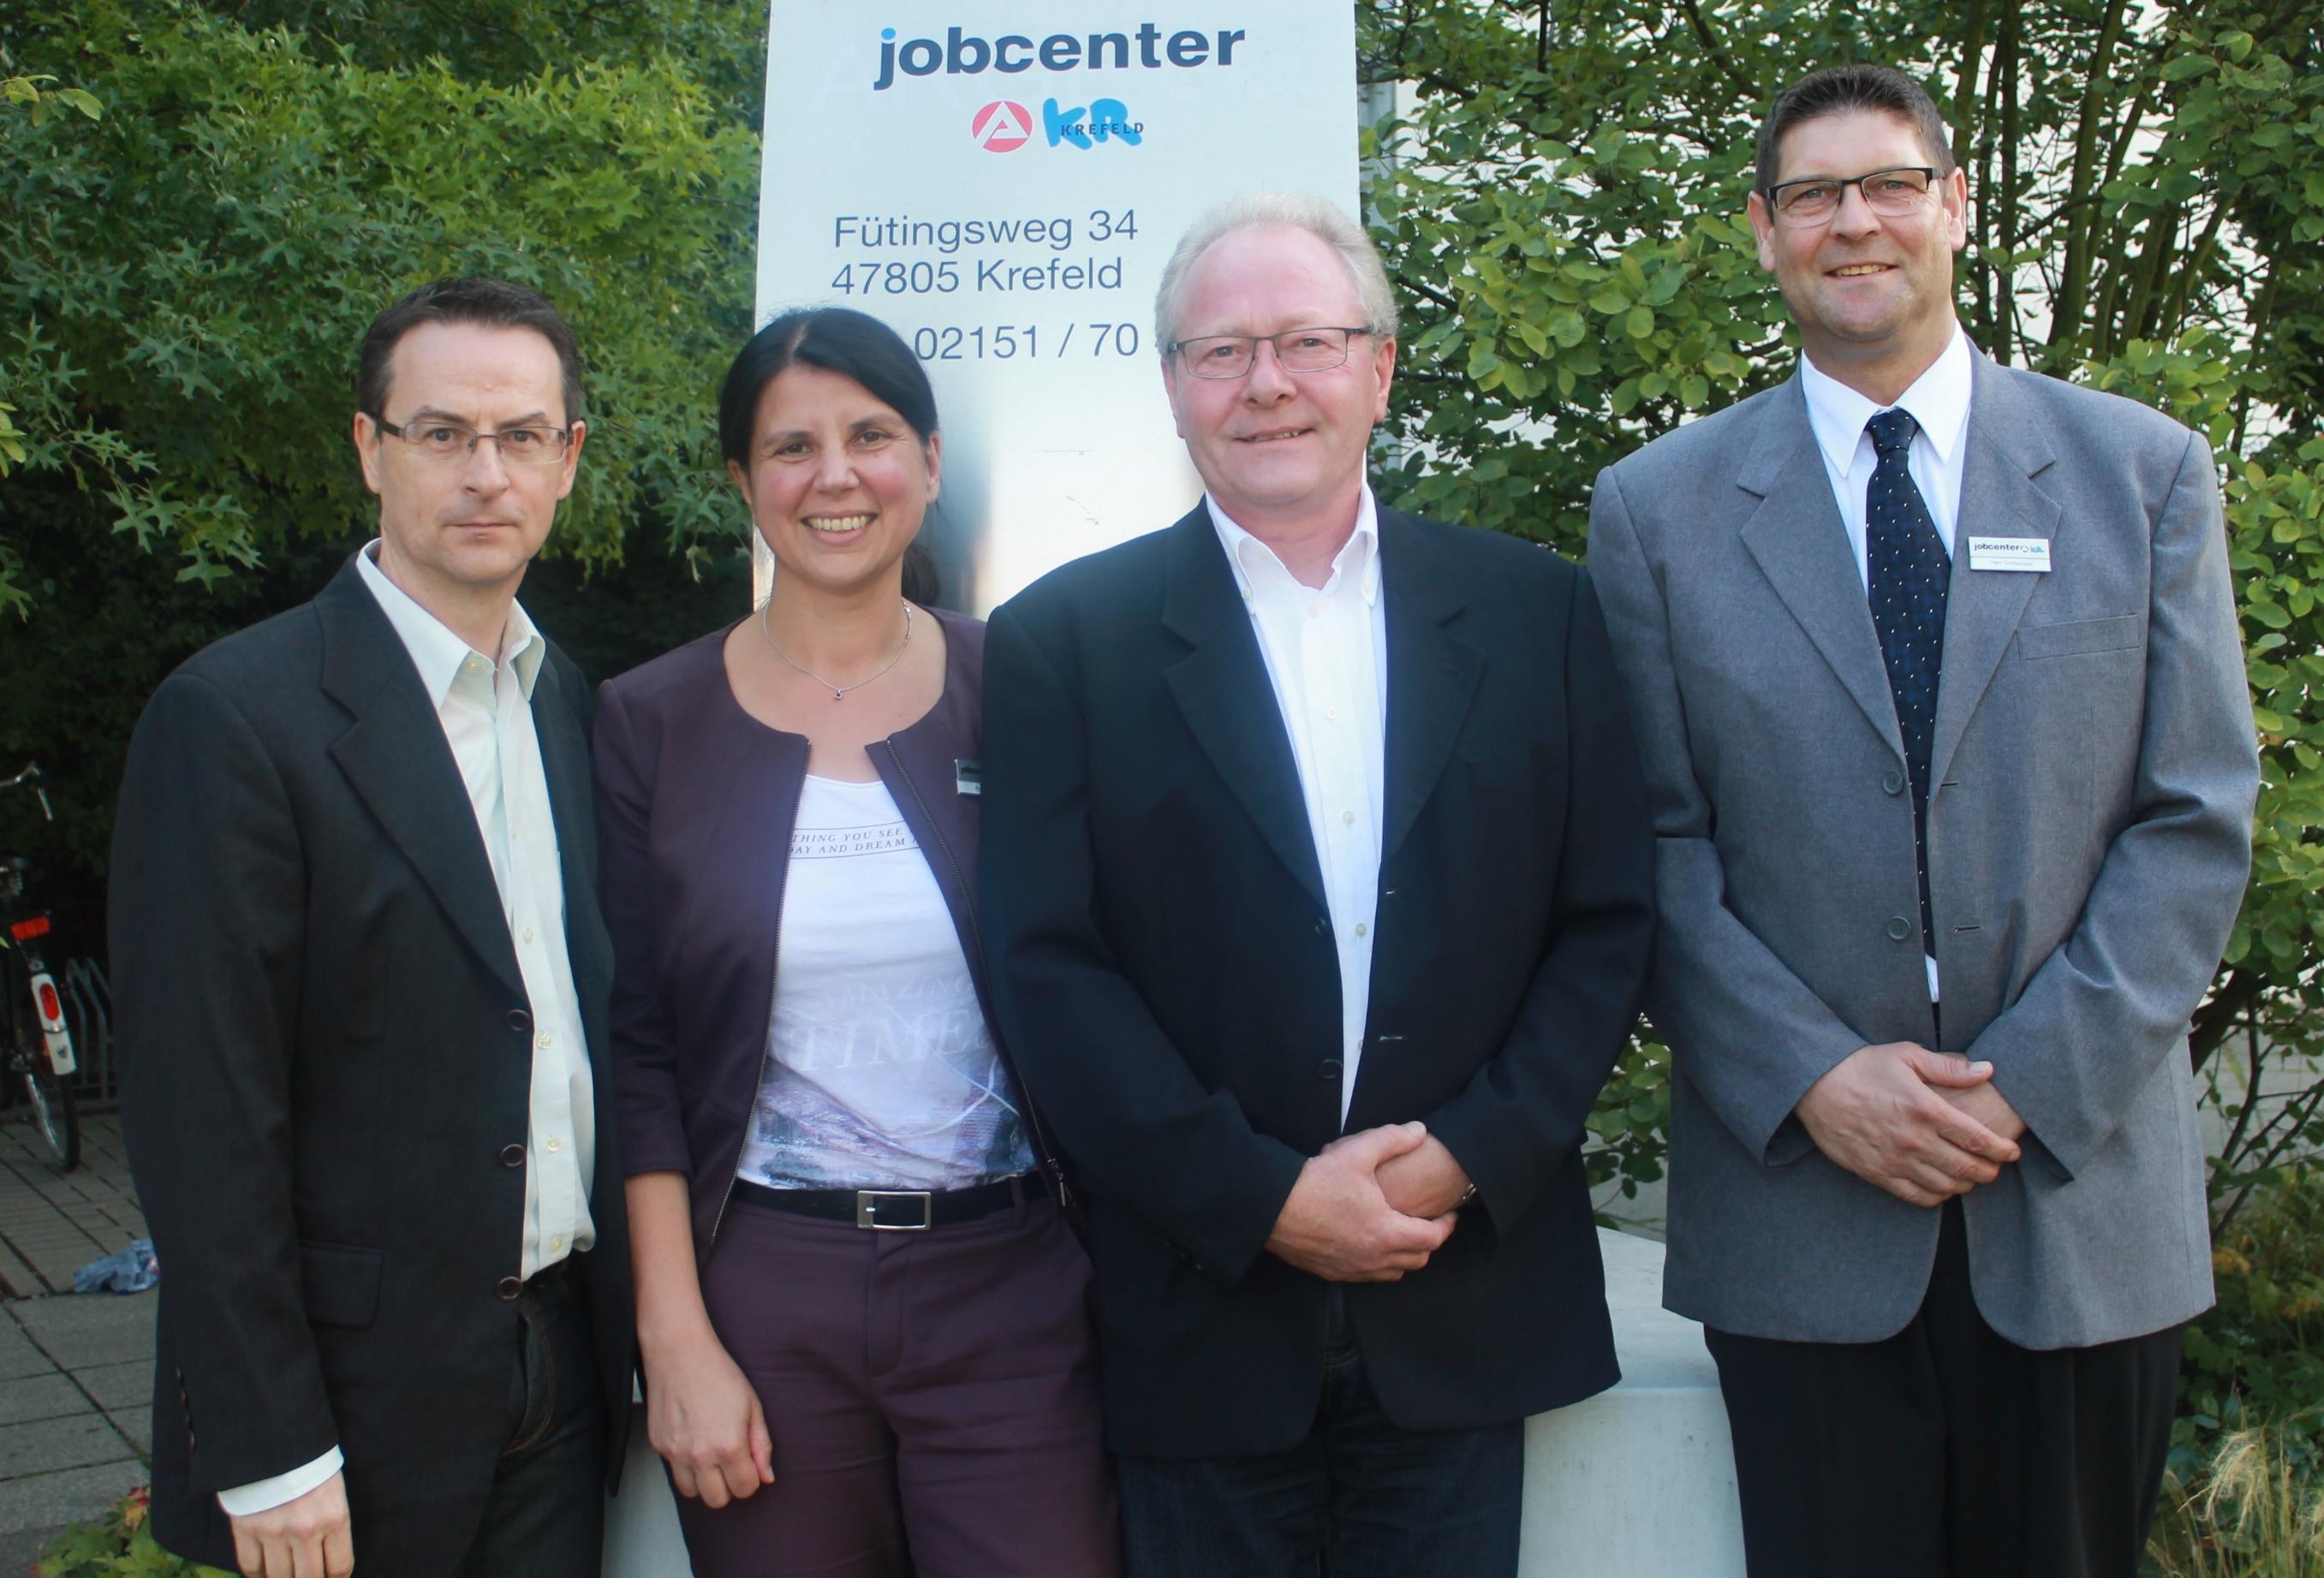 Tavin Lara Turanli, Geschäftsführerin des Jobcenters Krefeld, startet das Projekt mit (v.l) Jürgen Mengert, Dieter Suda, Dirk Gottschalk.(Foto: Agentur für Arbeit Krefeld)